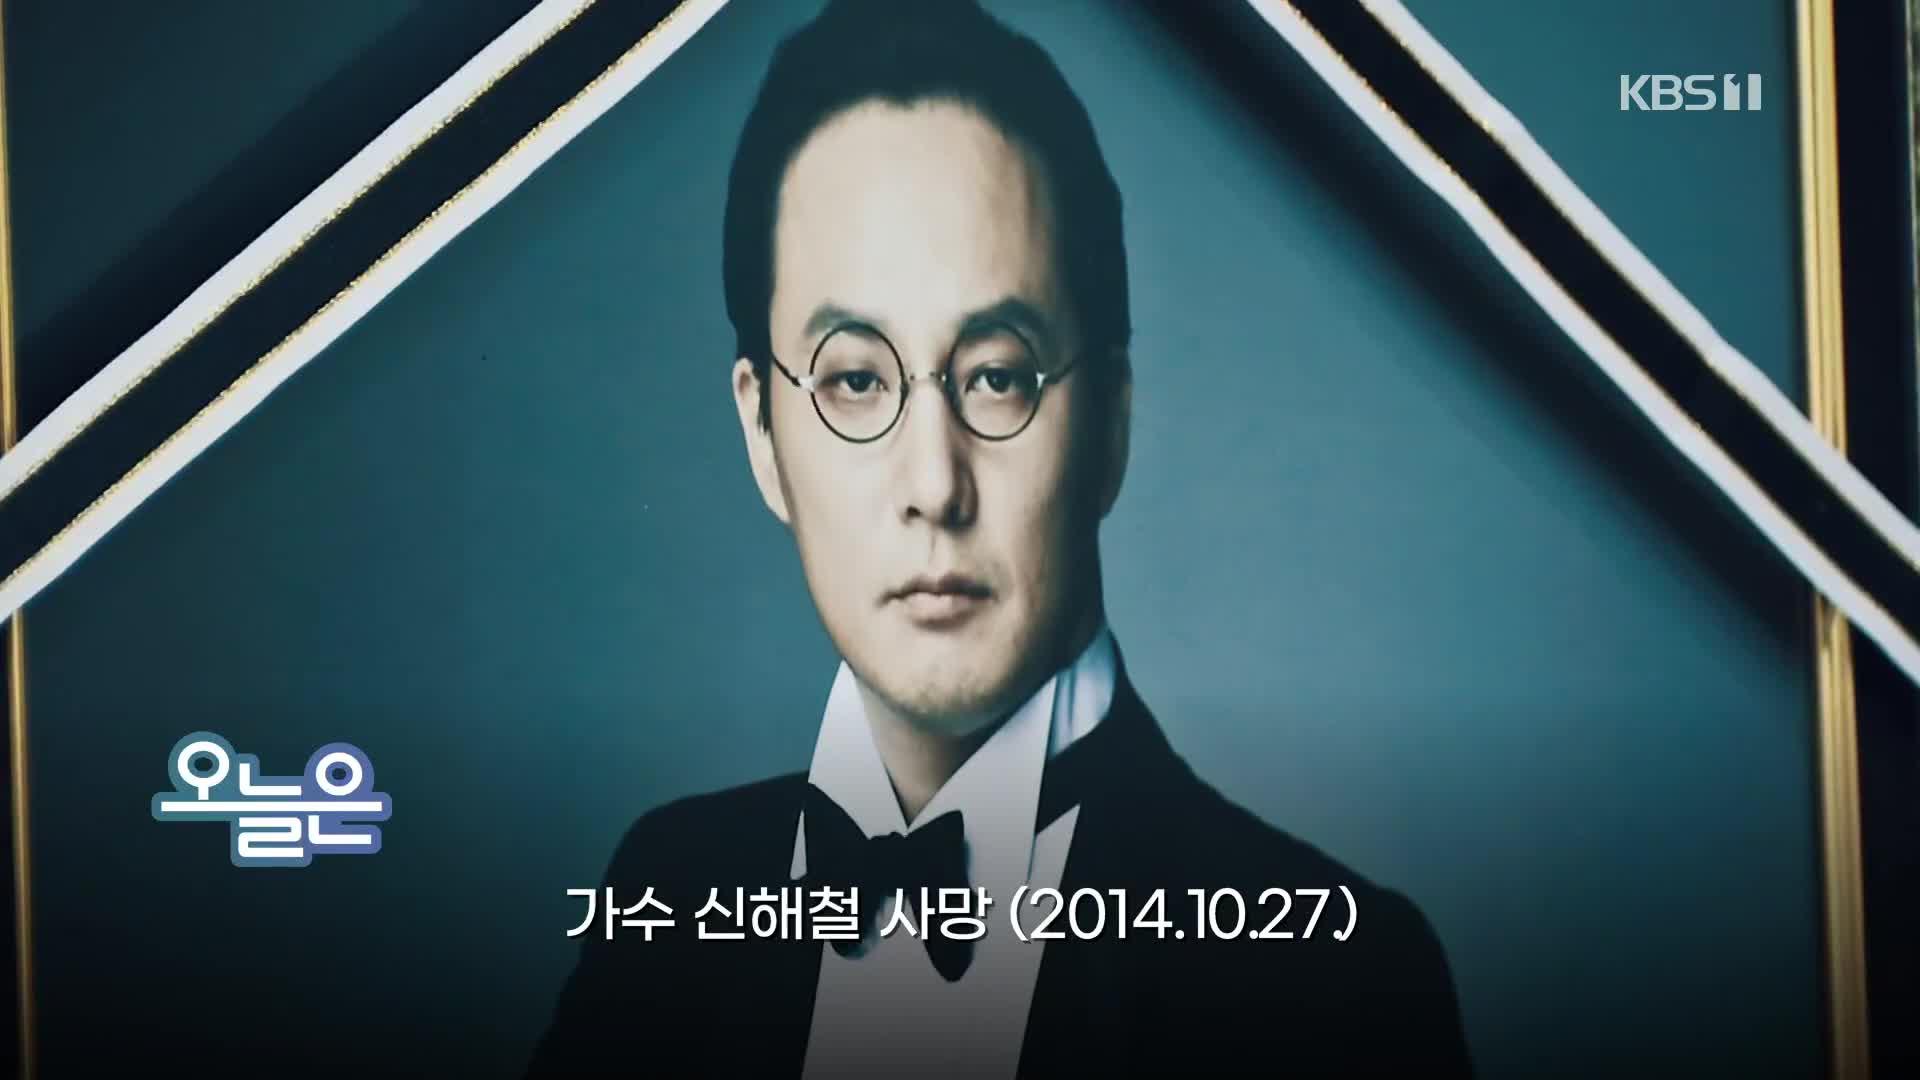 [오늘은] 가수 신해철 사망 (2014.10.27.)